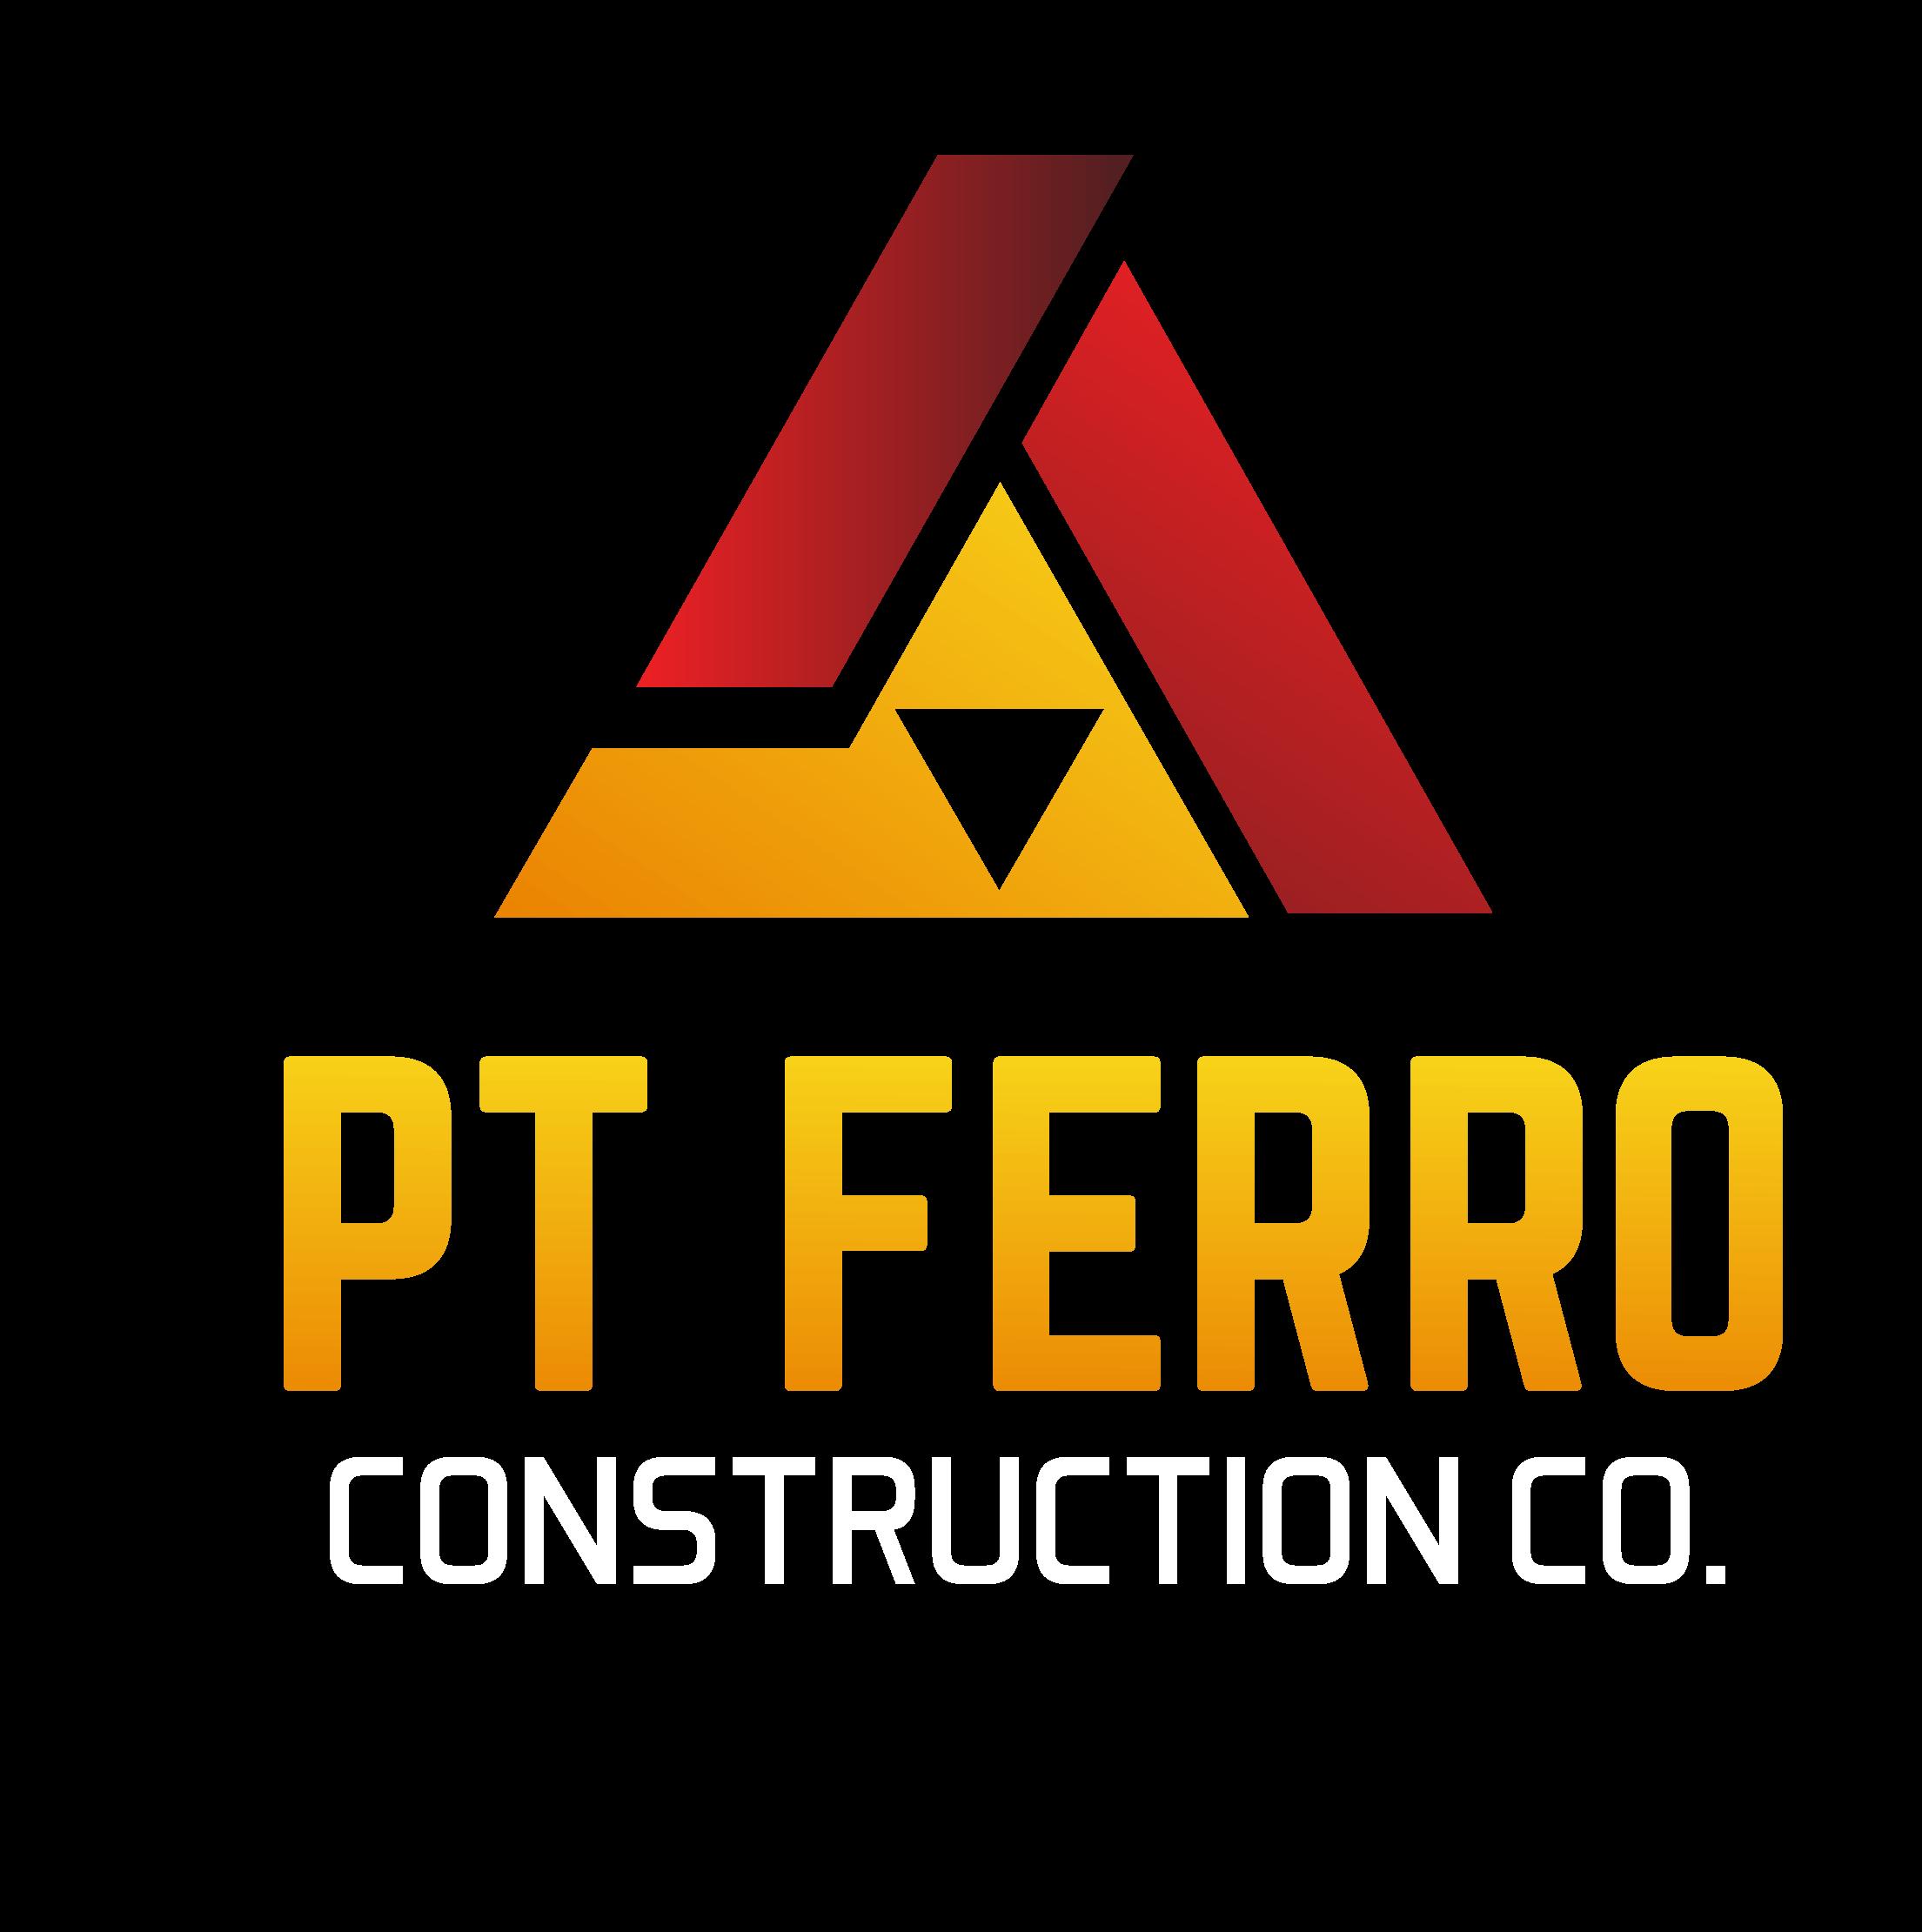 PT FERRO